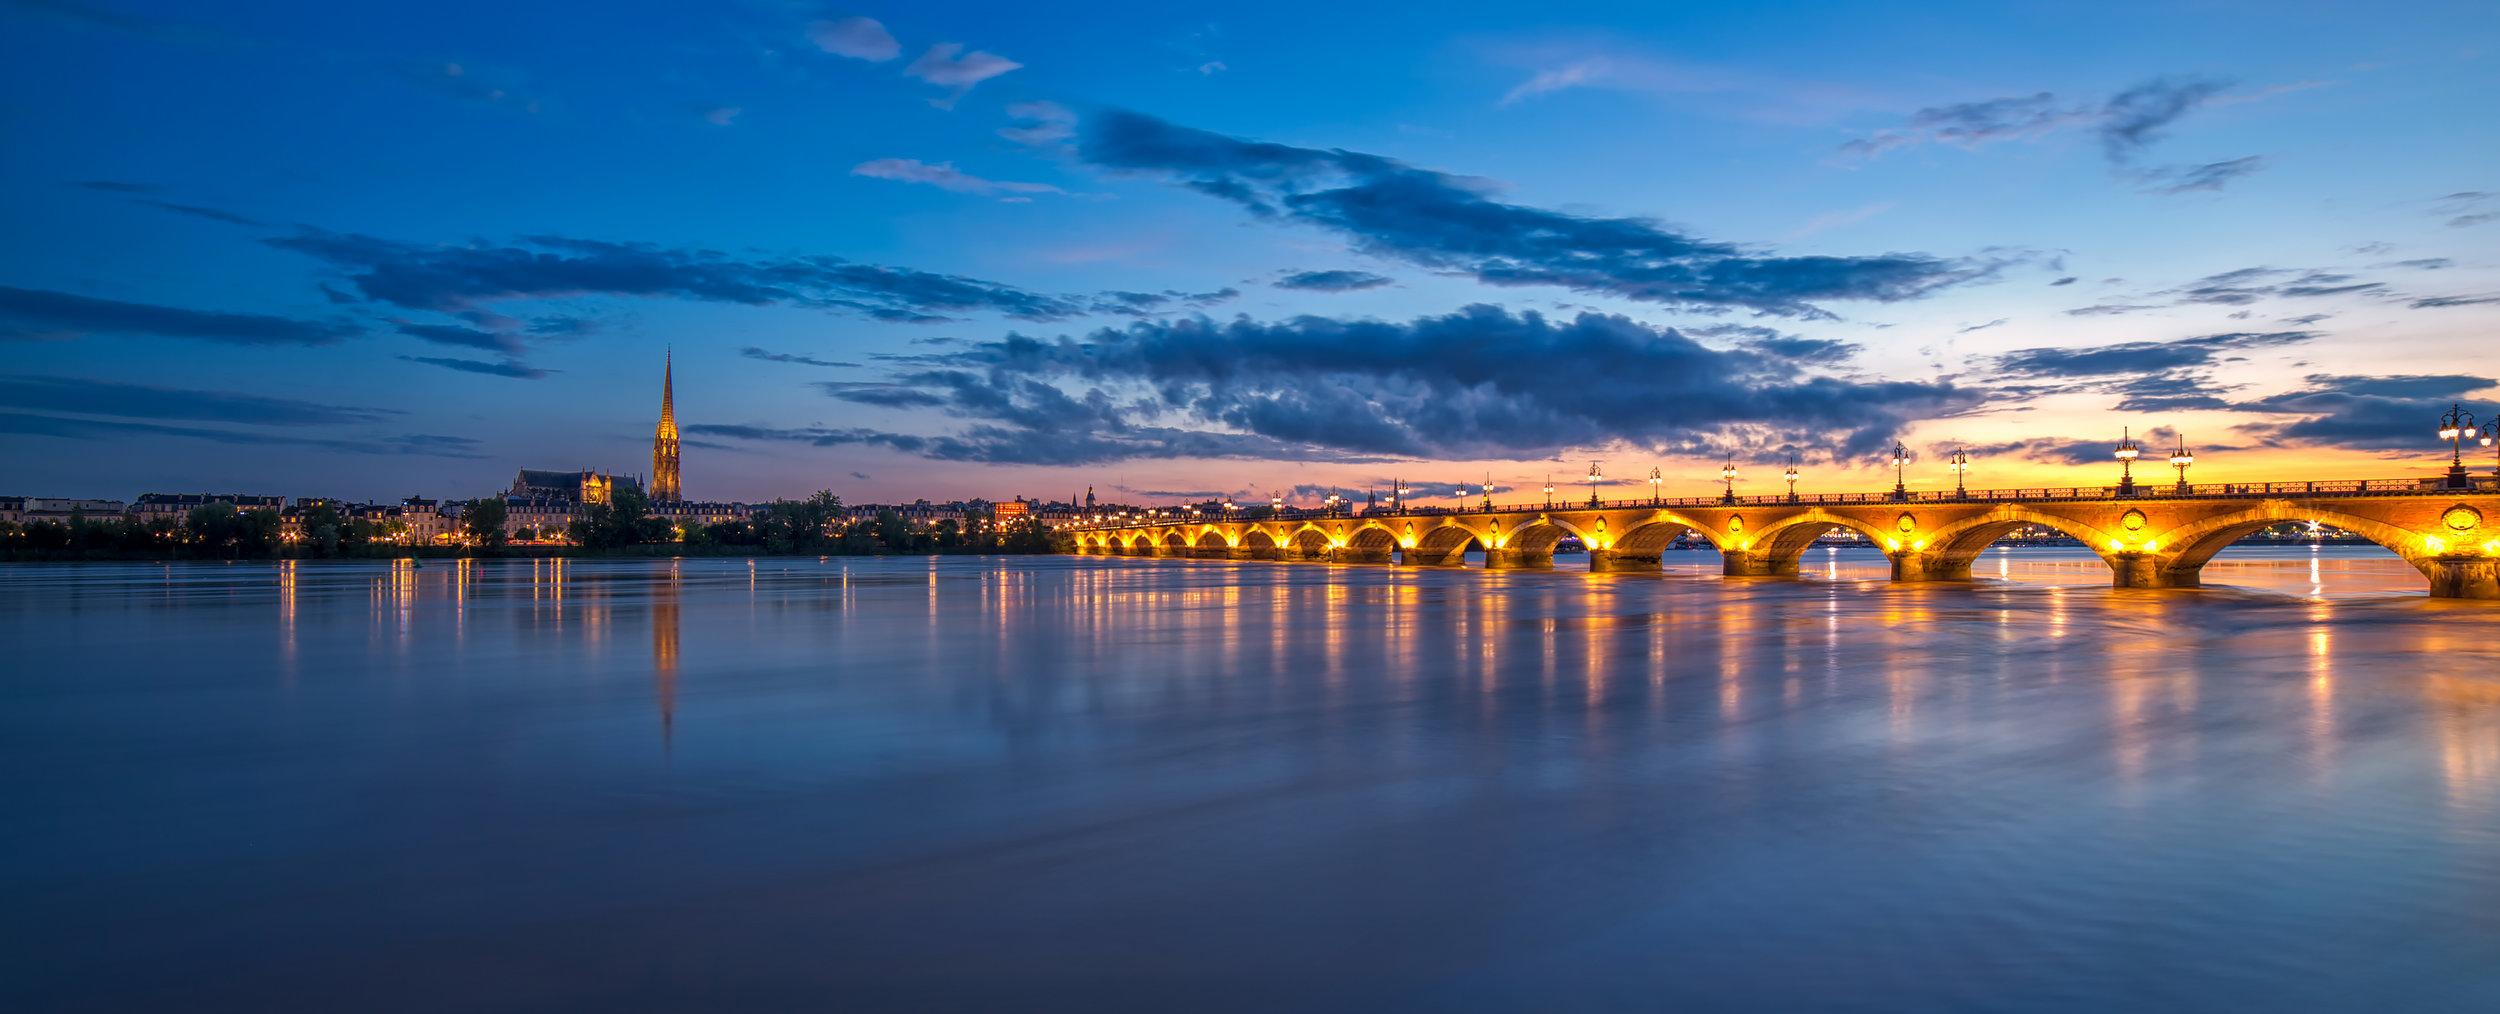 Le pont de pierre de nuit